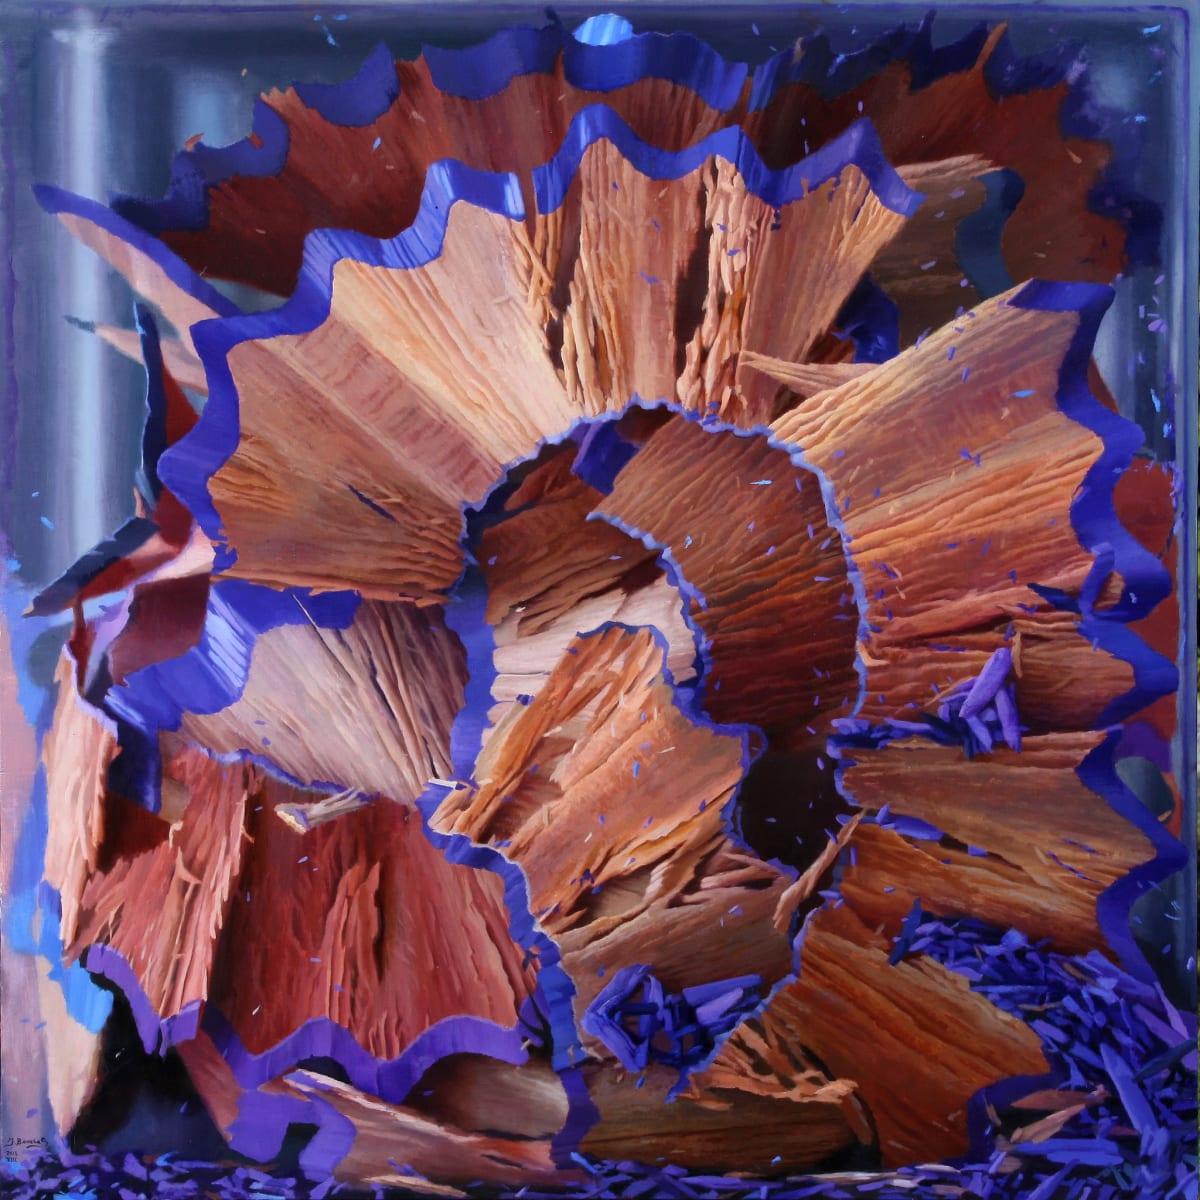 Javier Banegas Shavings V Oil on board 80 x 80 cm